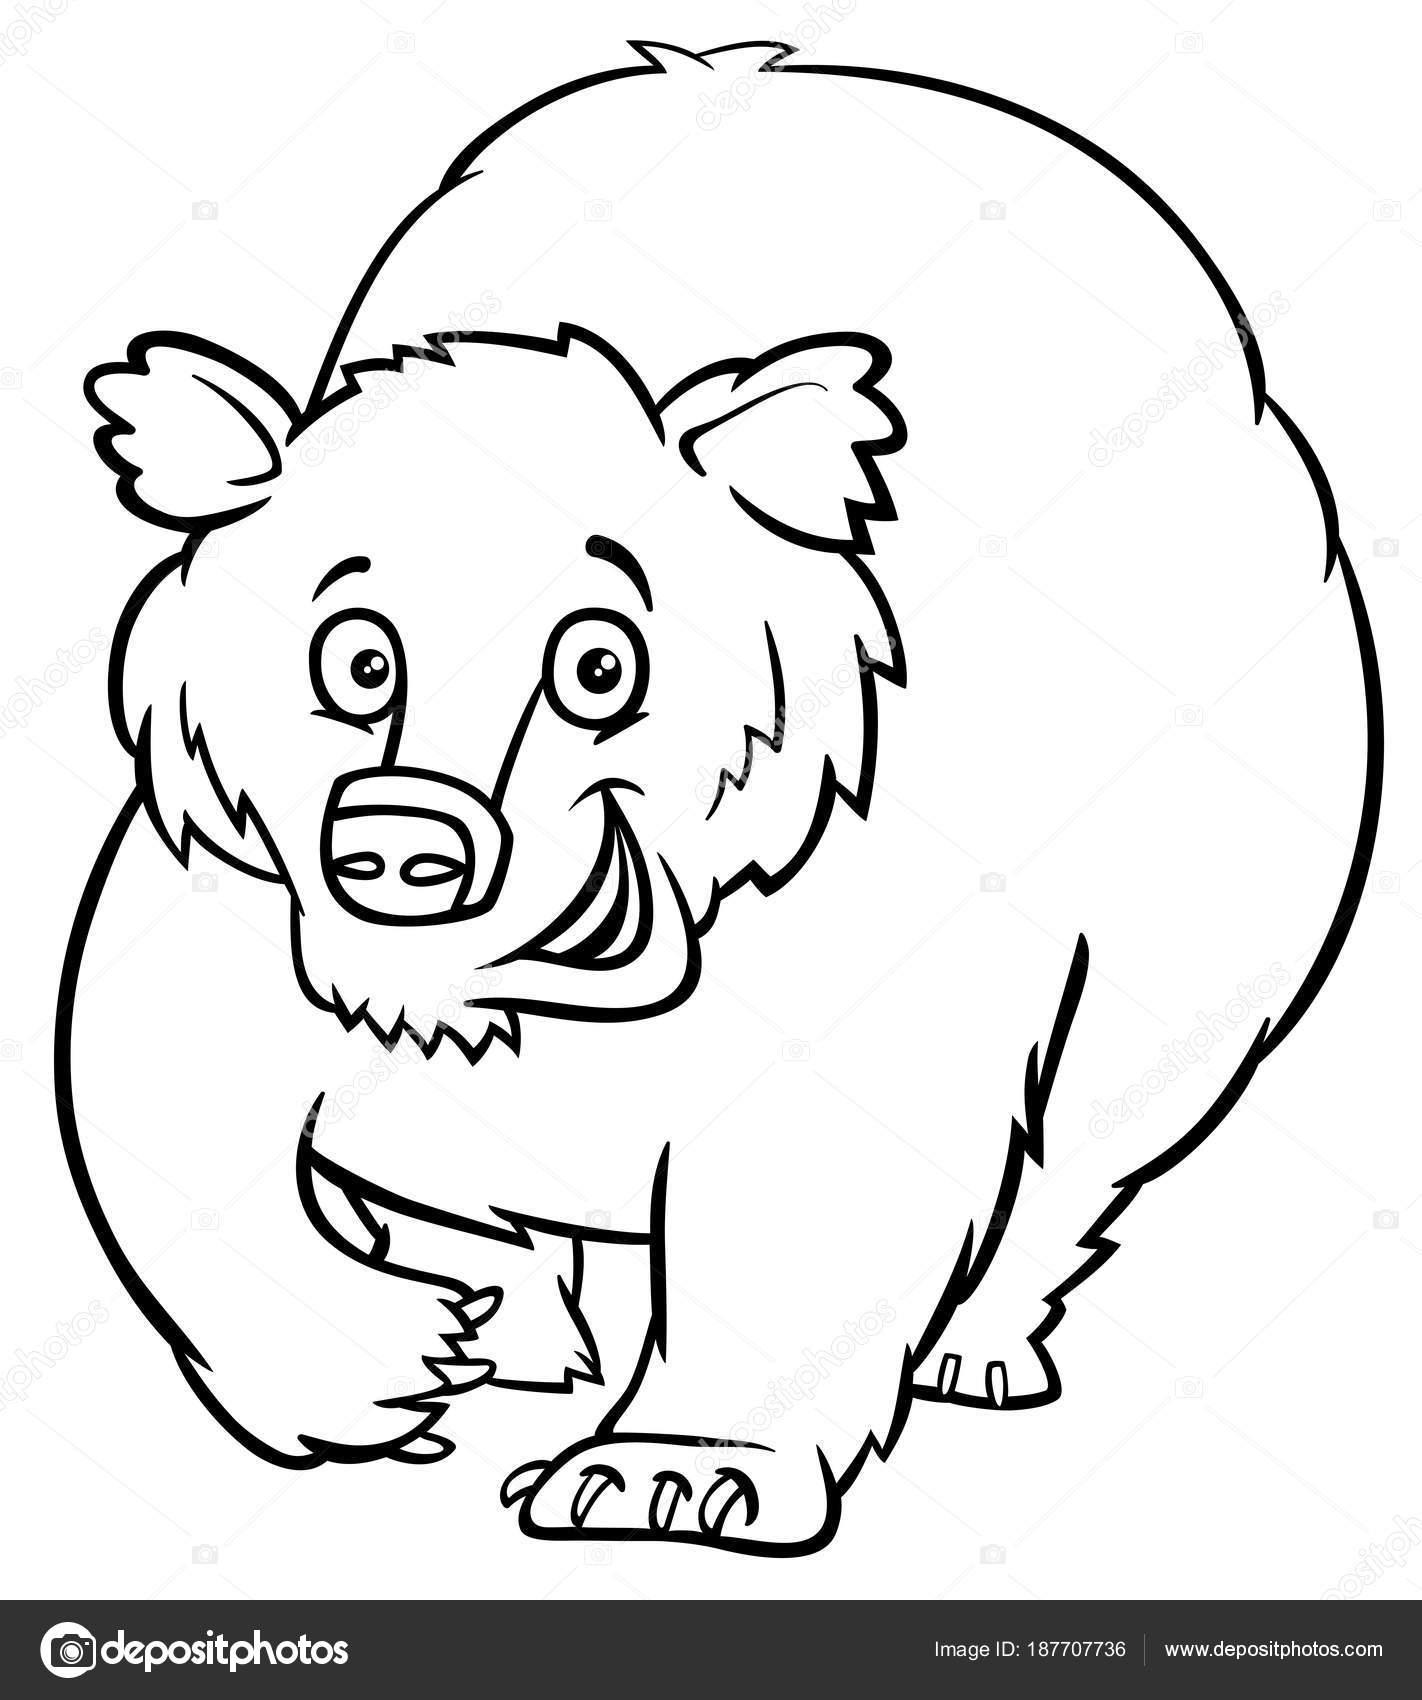 Bär Tier Zeichentrickfigur Malbuch Stockvektor Izakowski 187707736